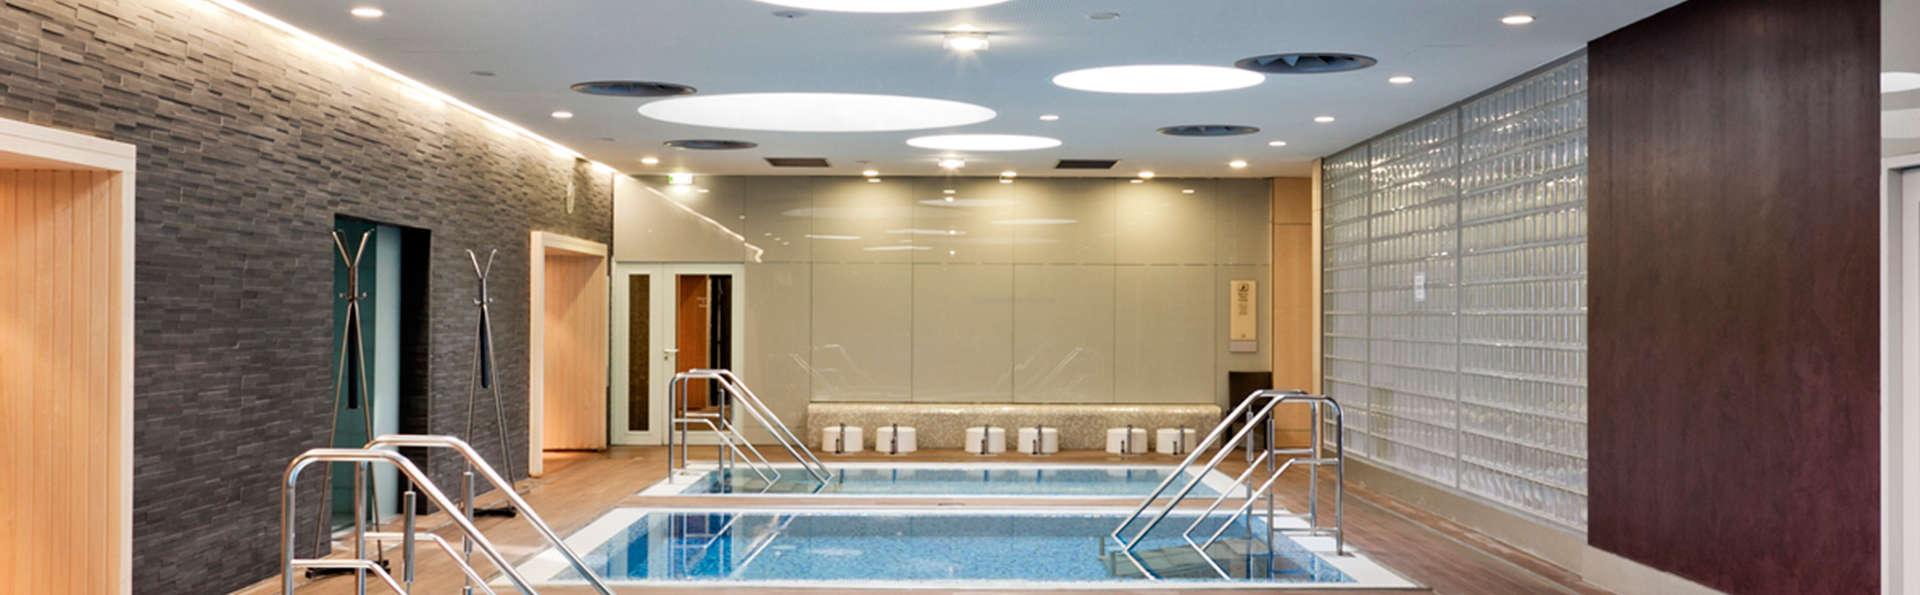 Week-end bien être dans un espace aquatique (avec accès illimité au spa) près d'Annecy